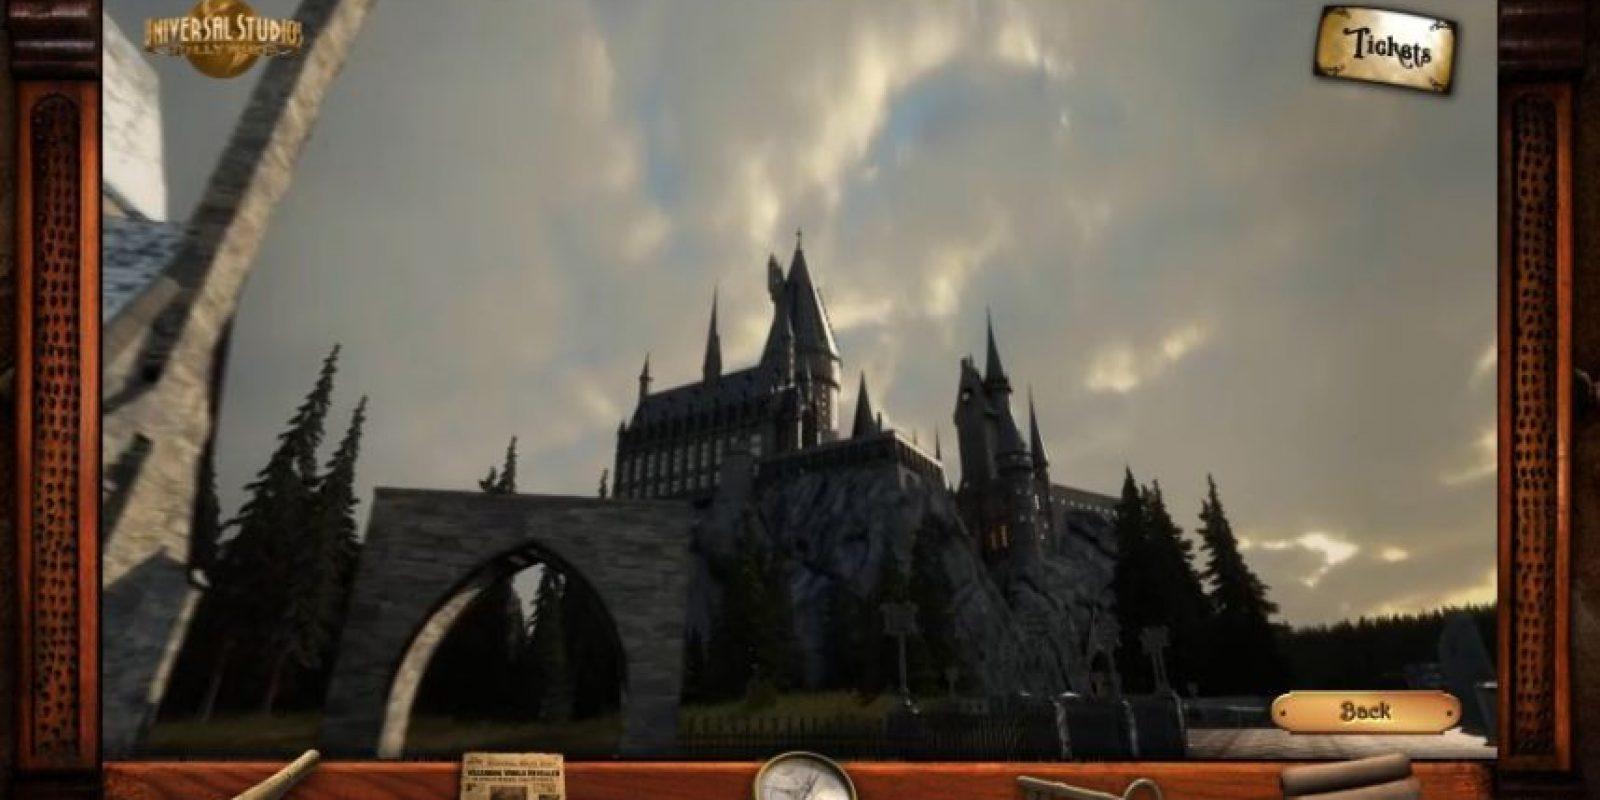 """En este mismo tour podrán visitar el famoso colegió """"Hogwarts"""", la oficina del profesor """"Dumbledore"""" y el salón de """"Defensa Contra las Artes Oscuras"""". Foto:www.wizardingworldhollywood.com"""